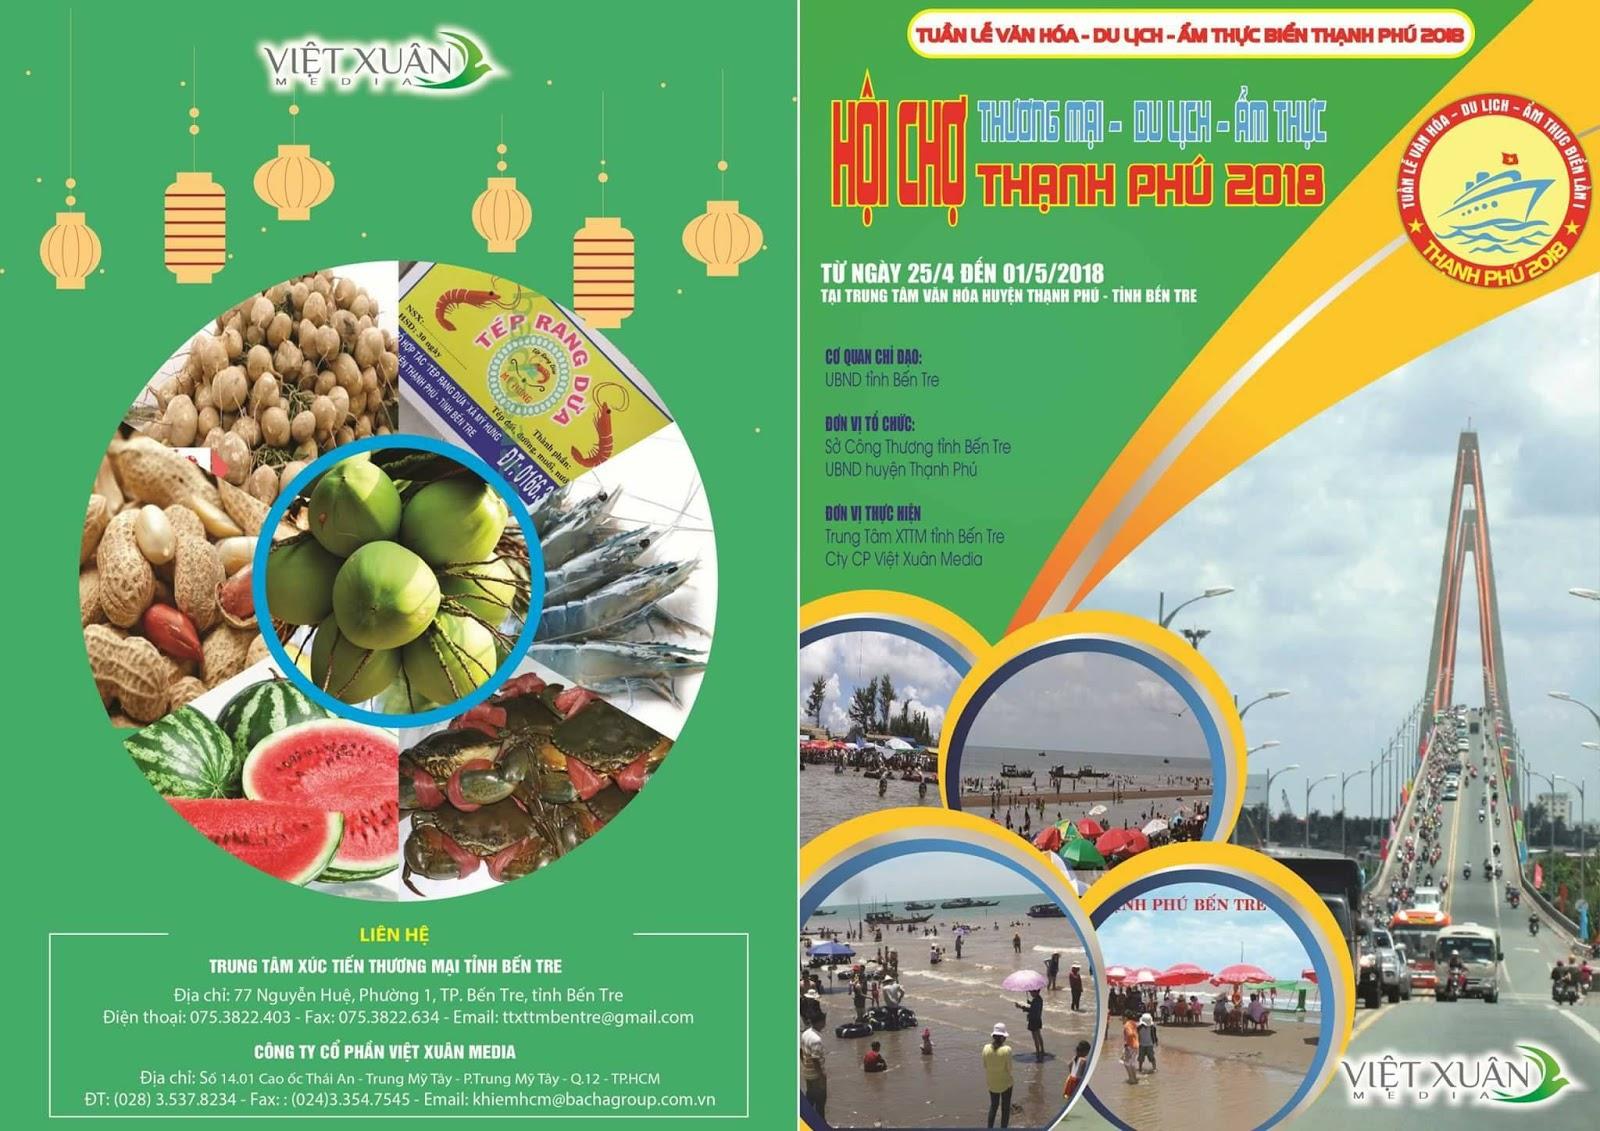 Hội chợ Thạnh Phú 2018